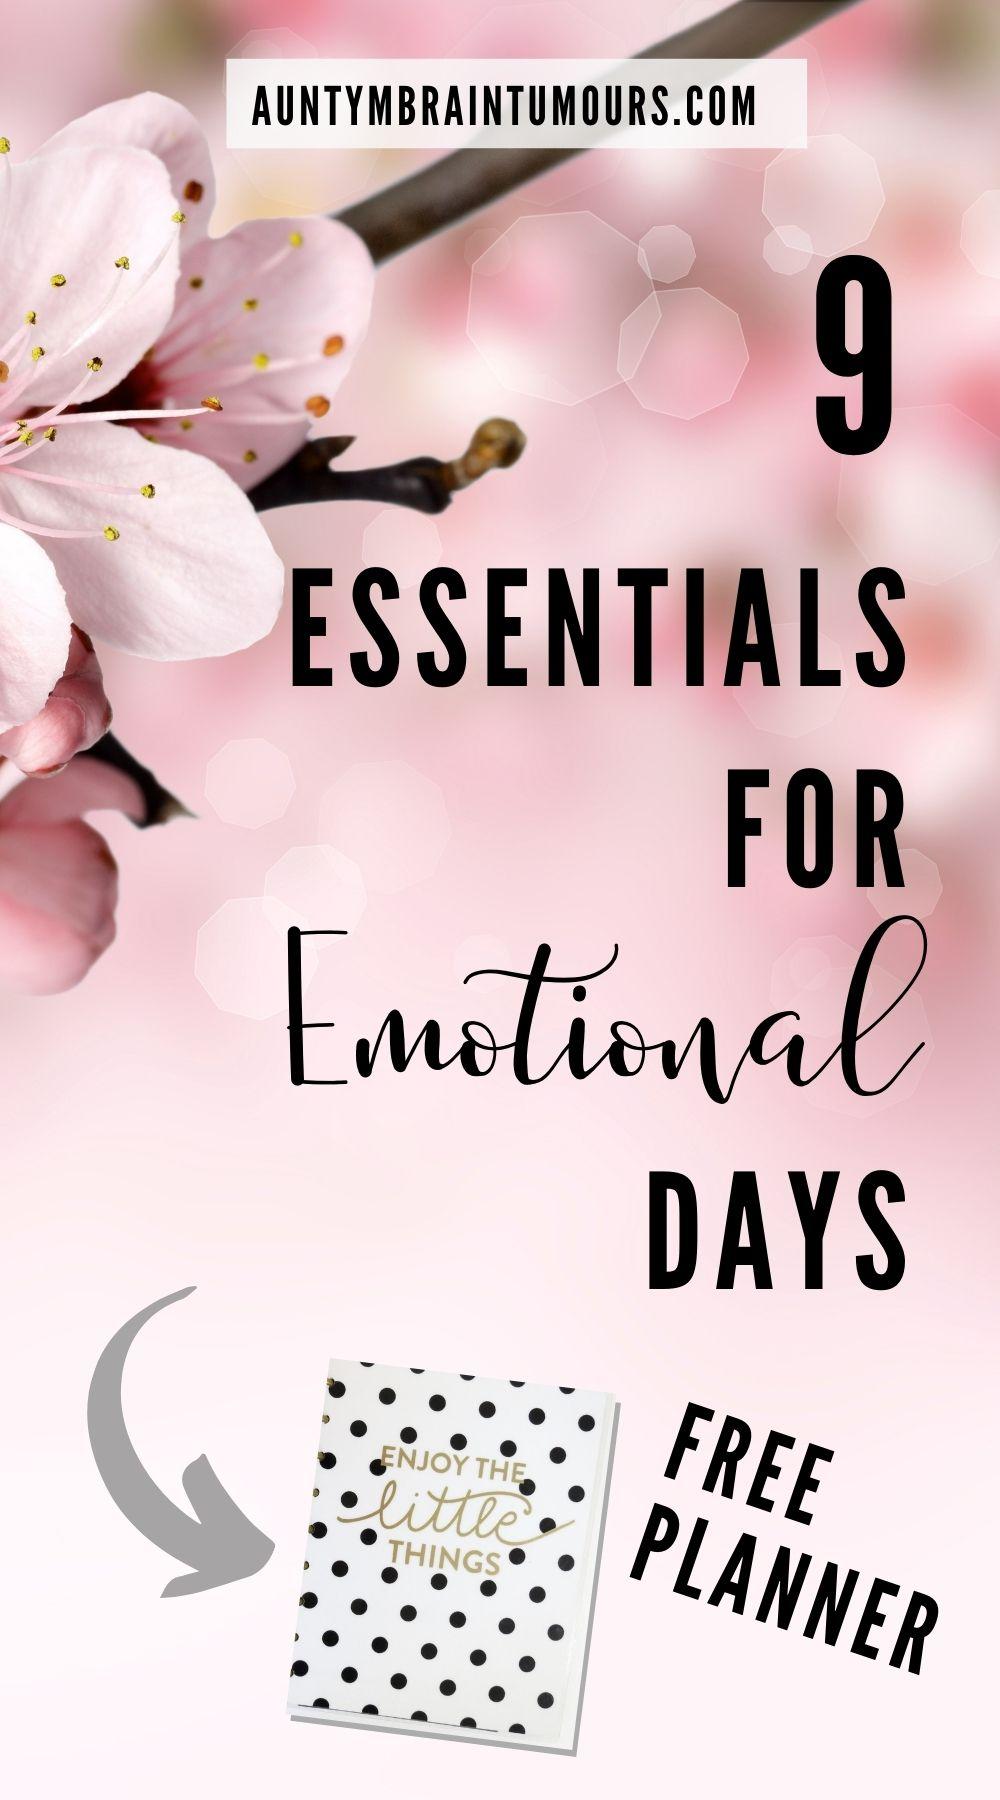 9 Essentials for emotional days